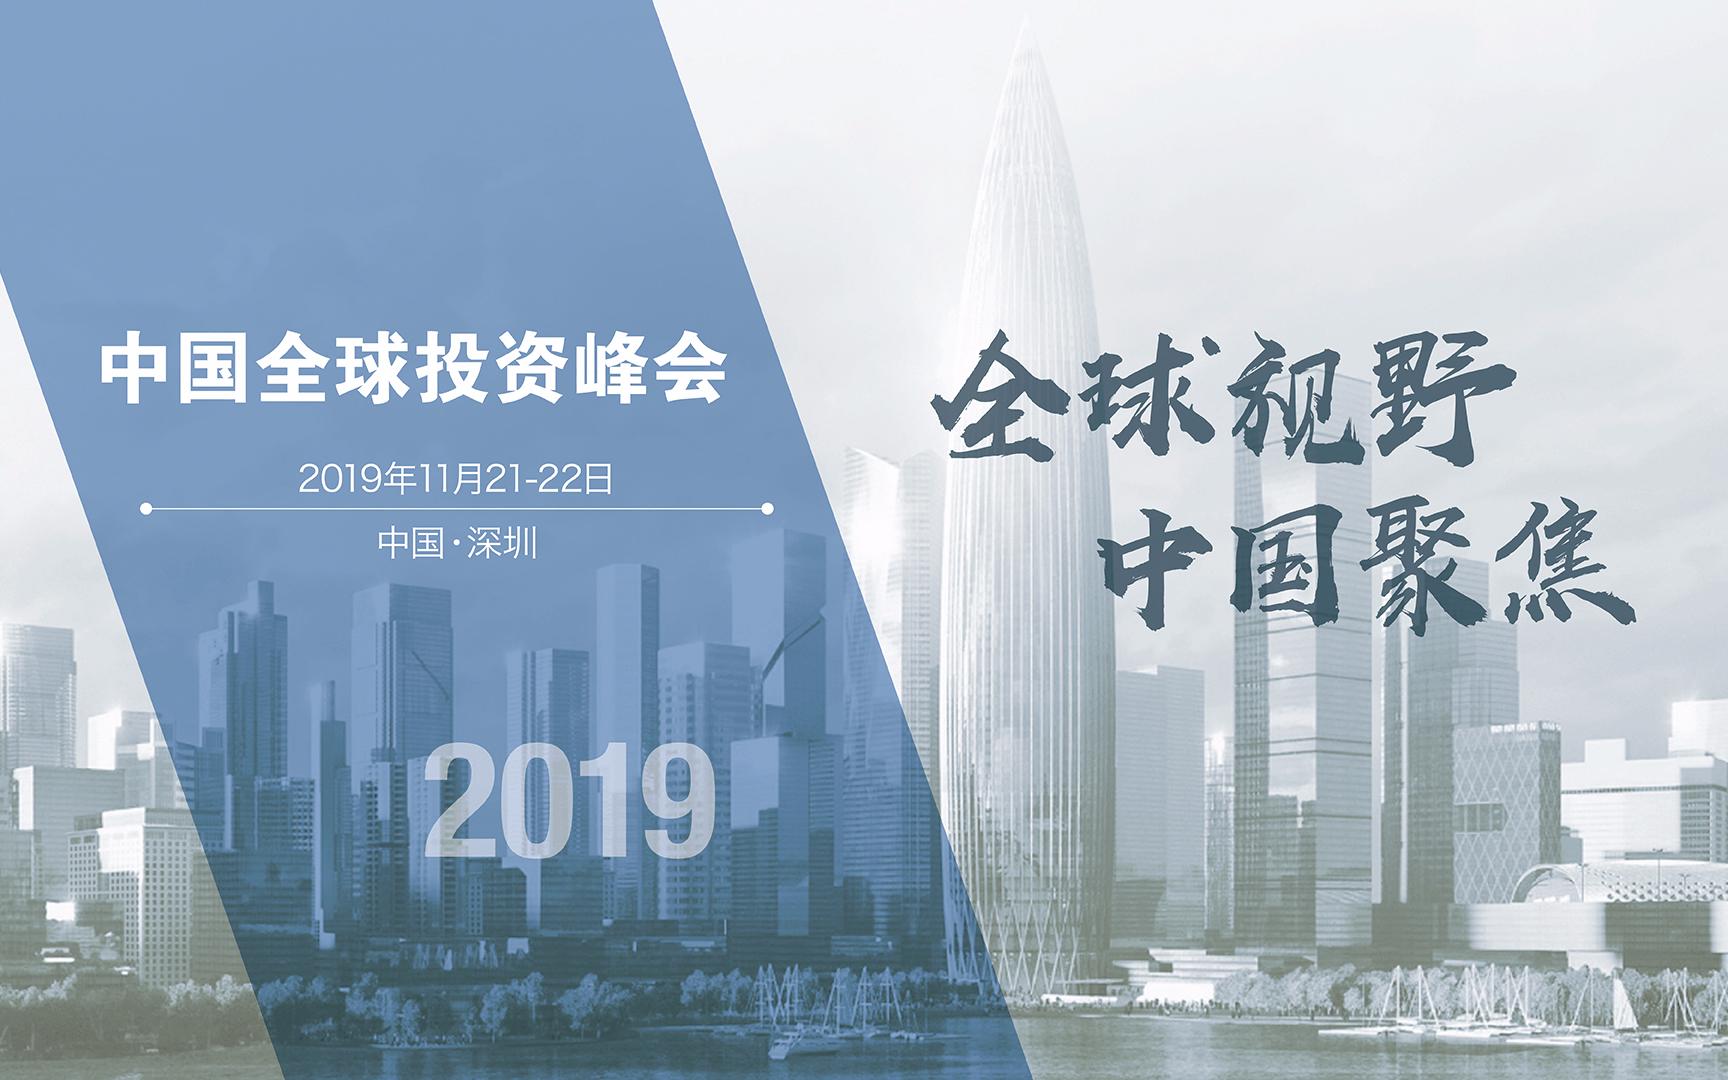 中国全球投资峰会2019 深圳